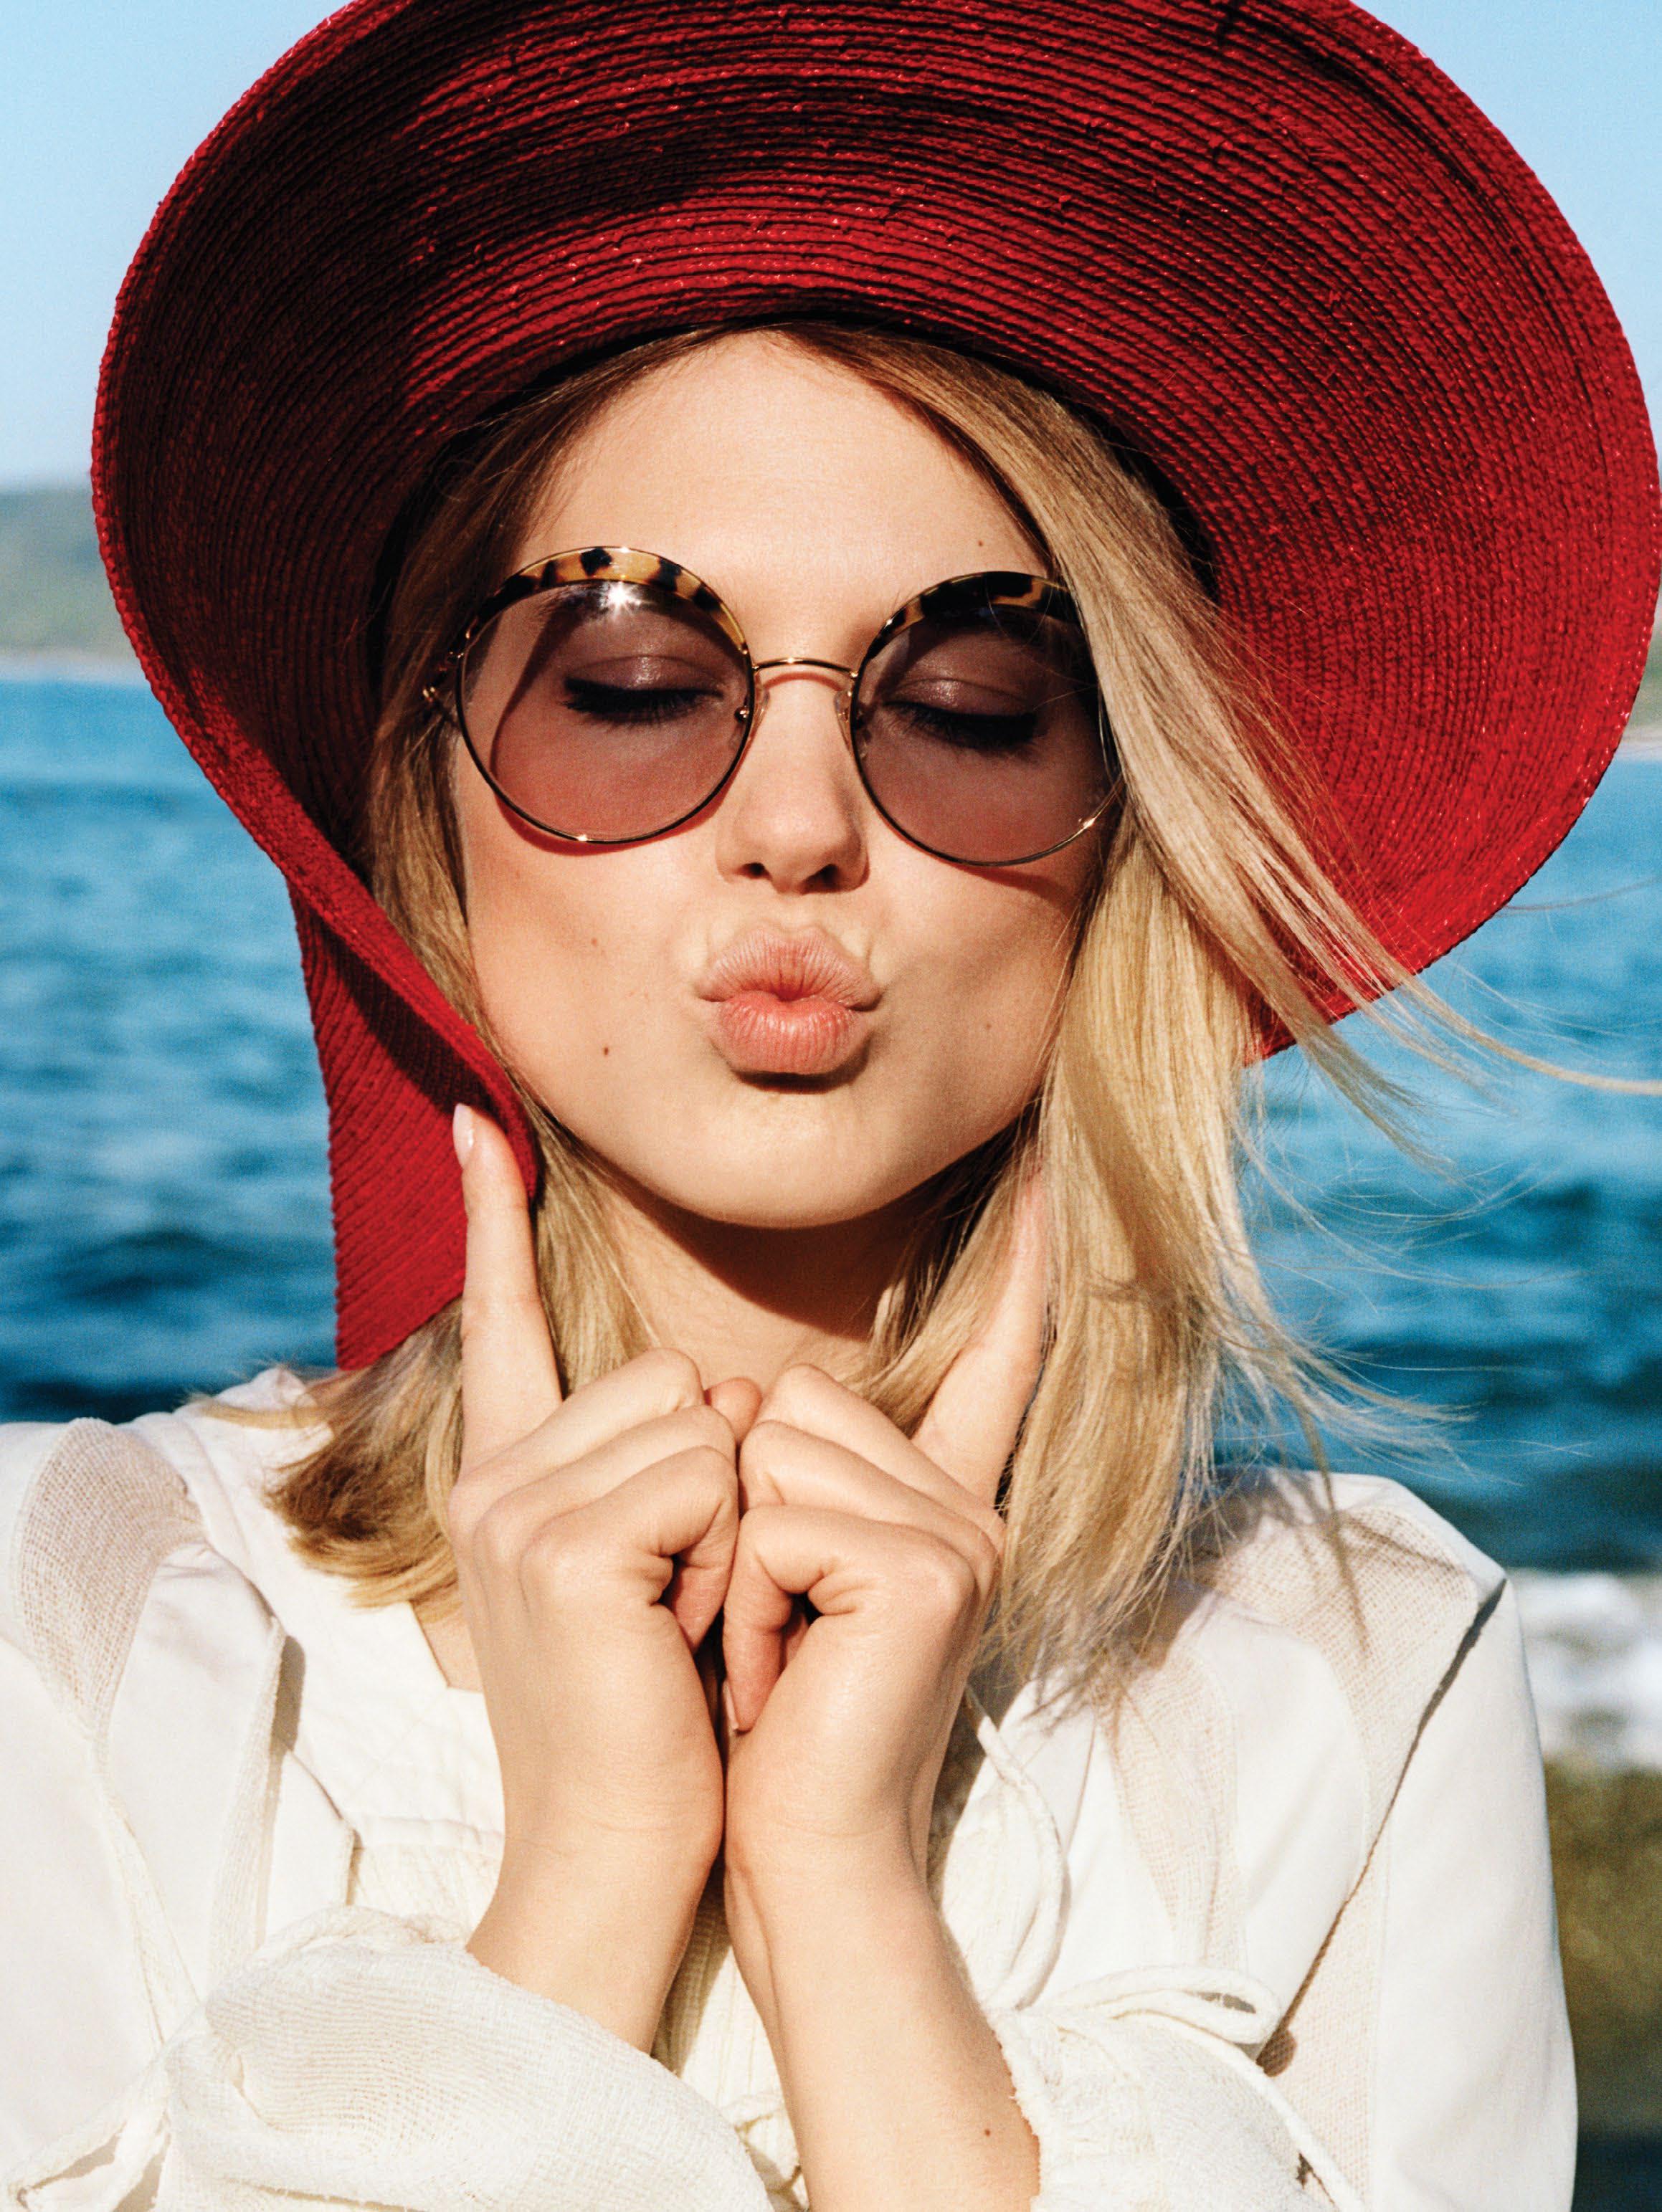 соломенная шляпа, Patricia Underwood; солнцезащитные очки, Miu Miu; блуза в крестьянском стиле из шелковой марлевки, Chloé